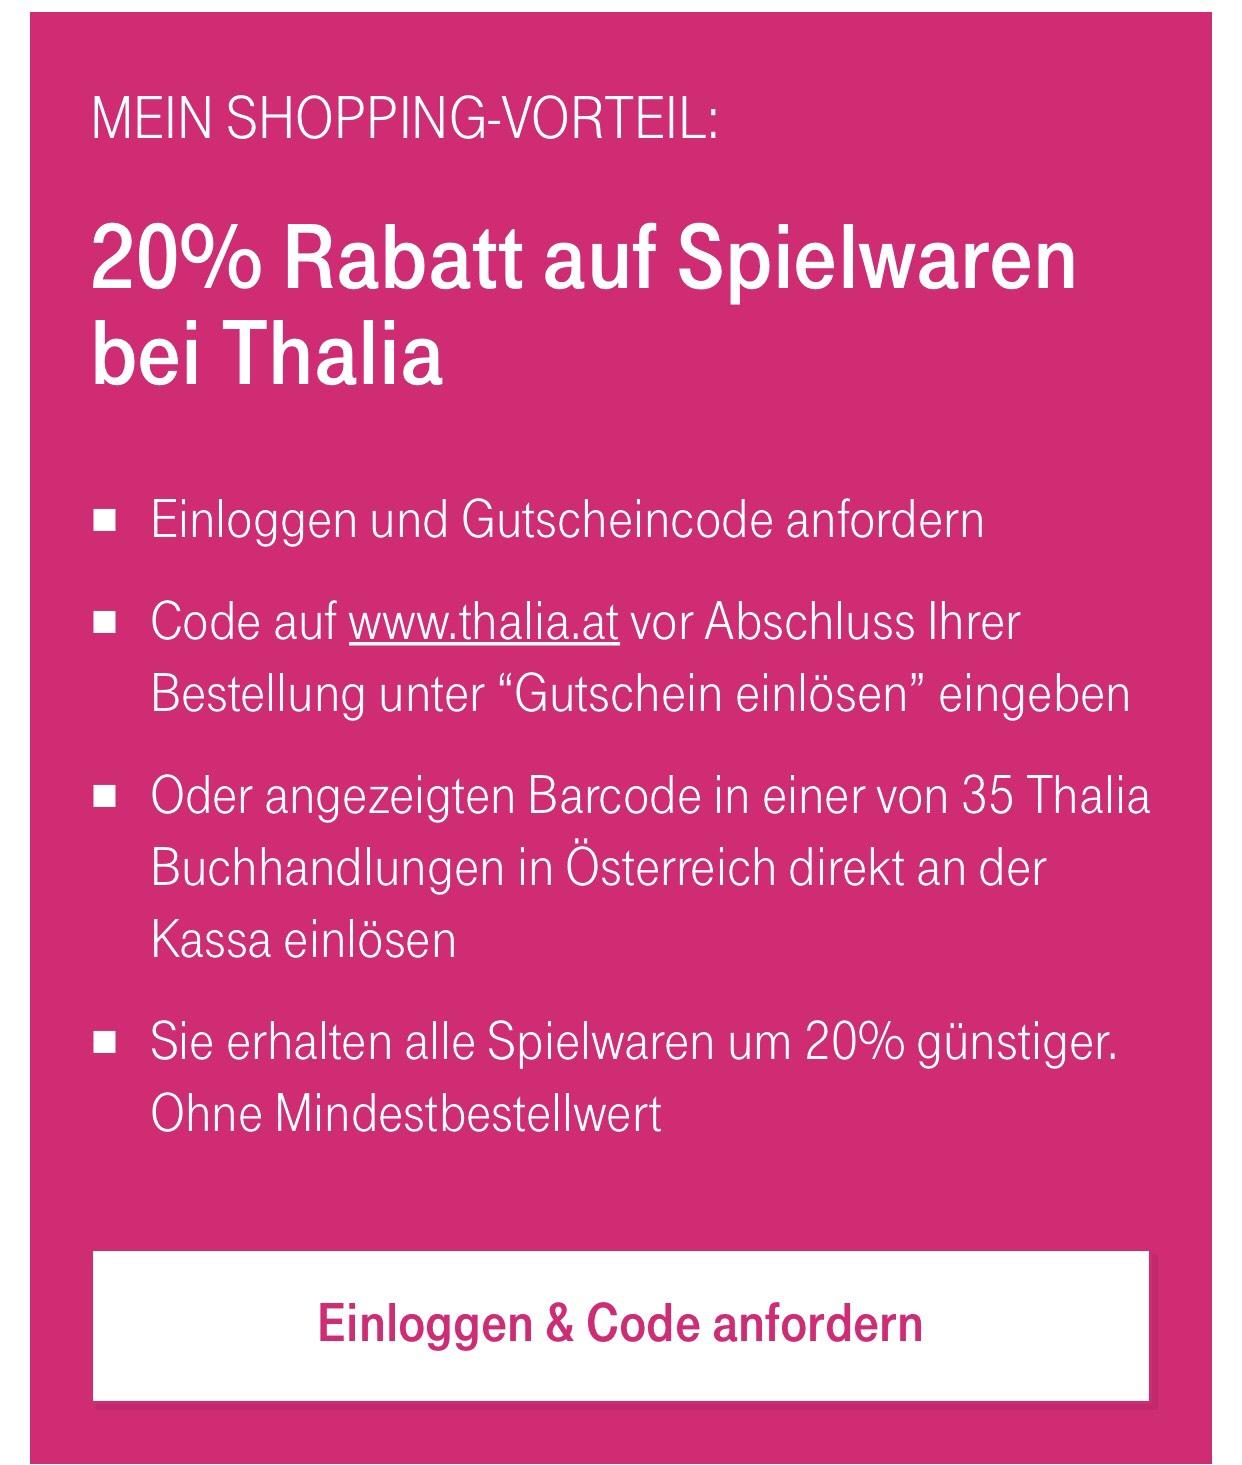 20% auf Spielwaren bei Thalia